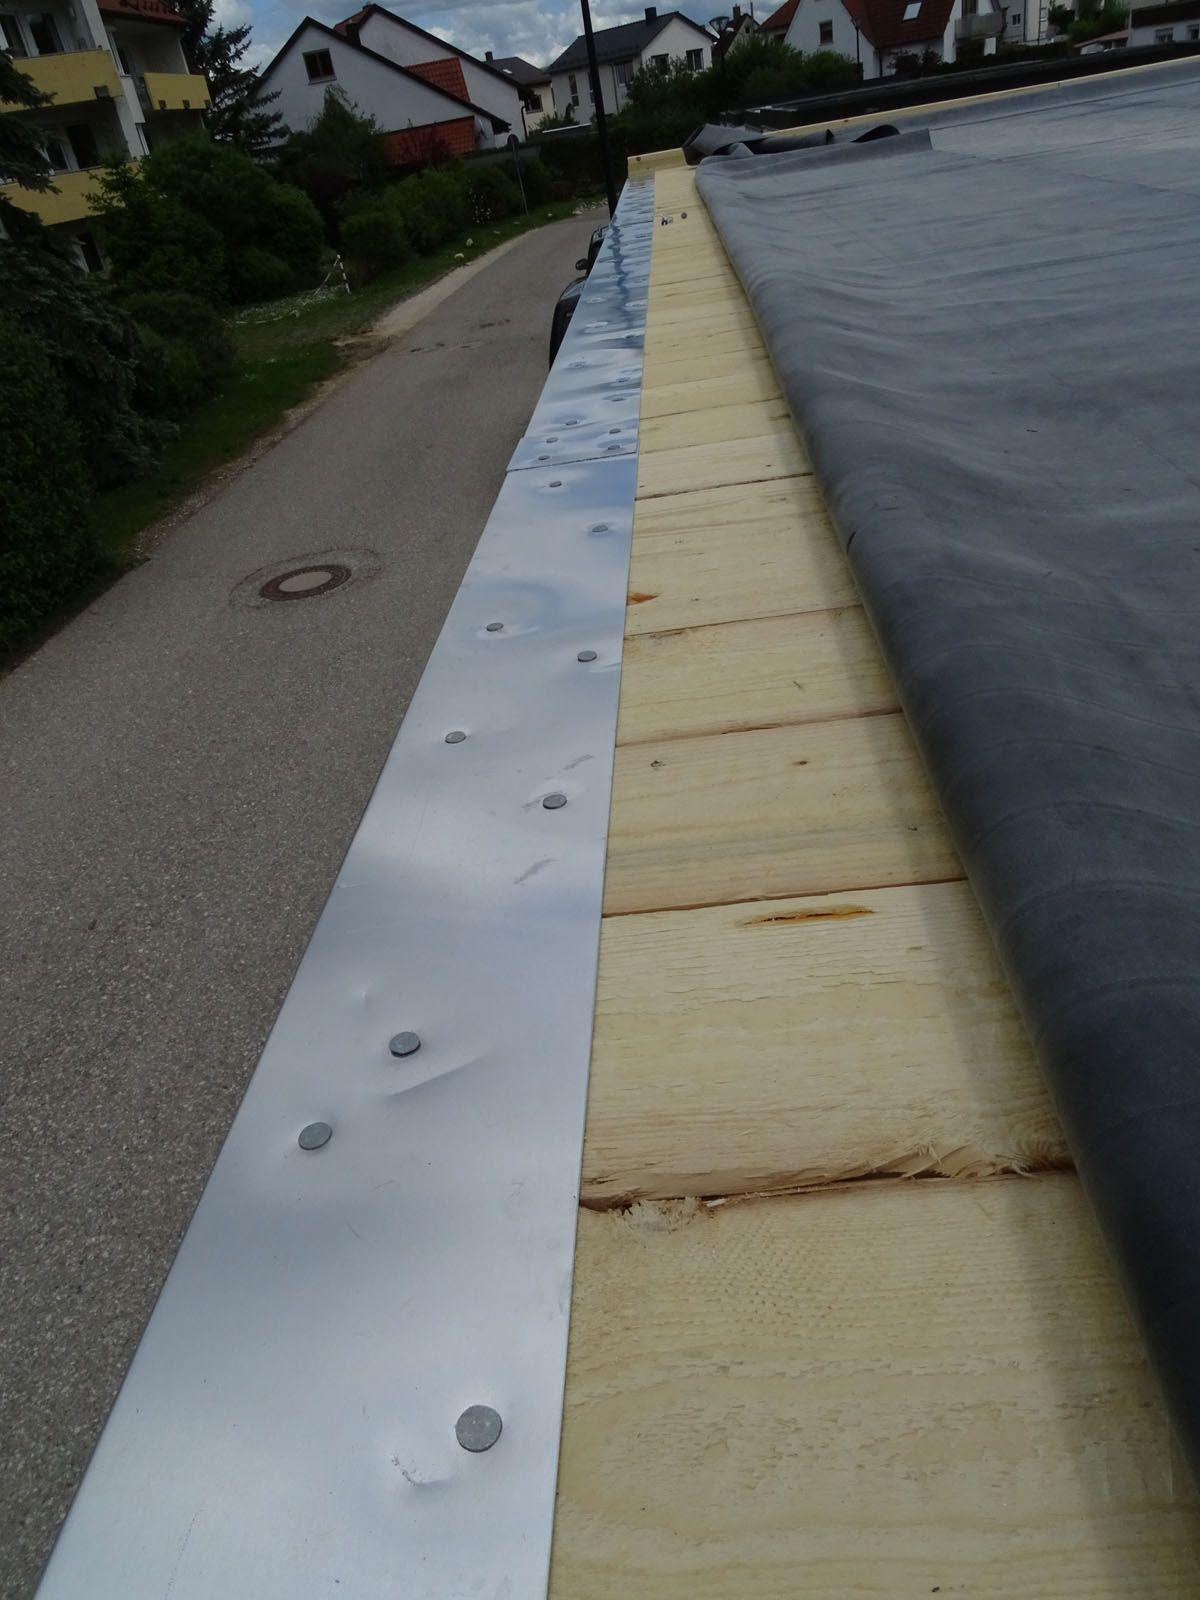 Montage Wasserleitblech Am Carport Mit Holzdach Und Epdm Dachfolie Wasserleitblech Carport Epdm Carport Dach Gartenhaus Modern